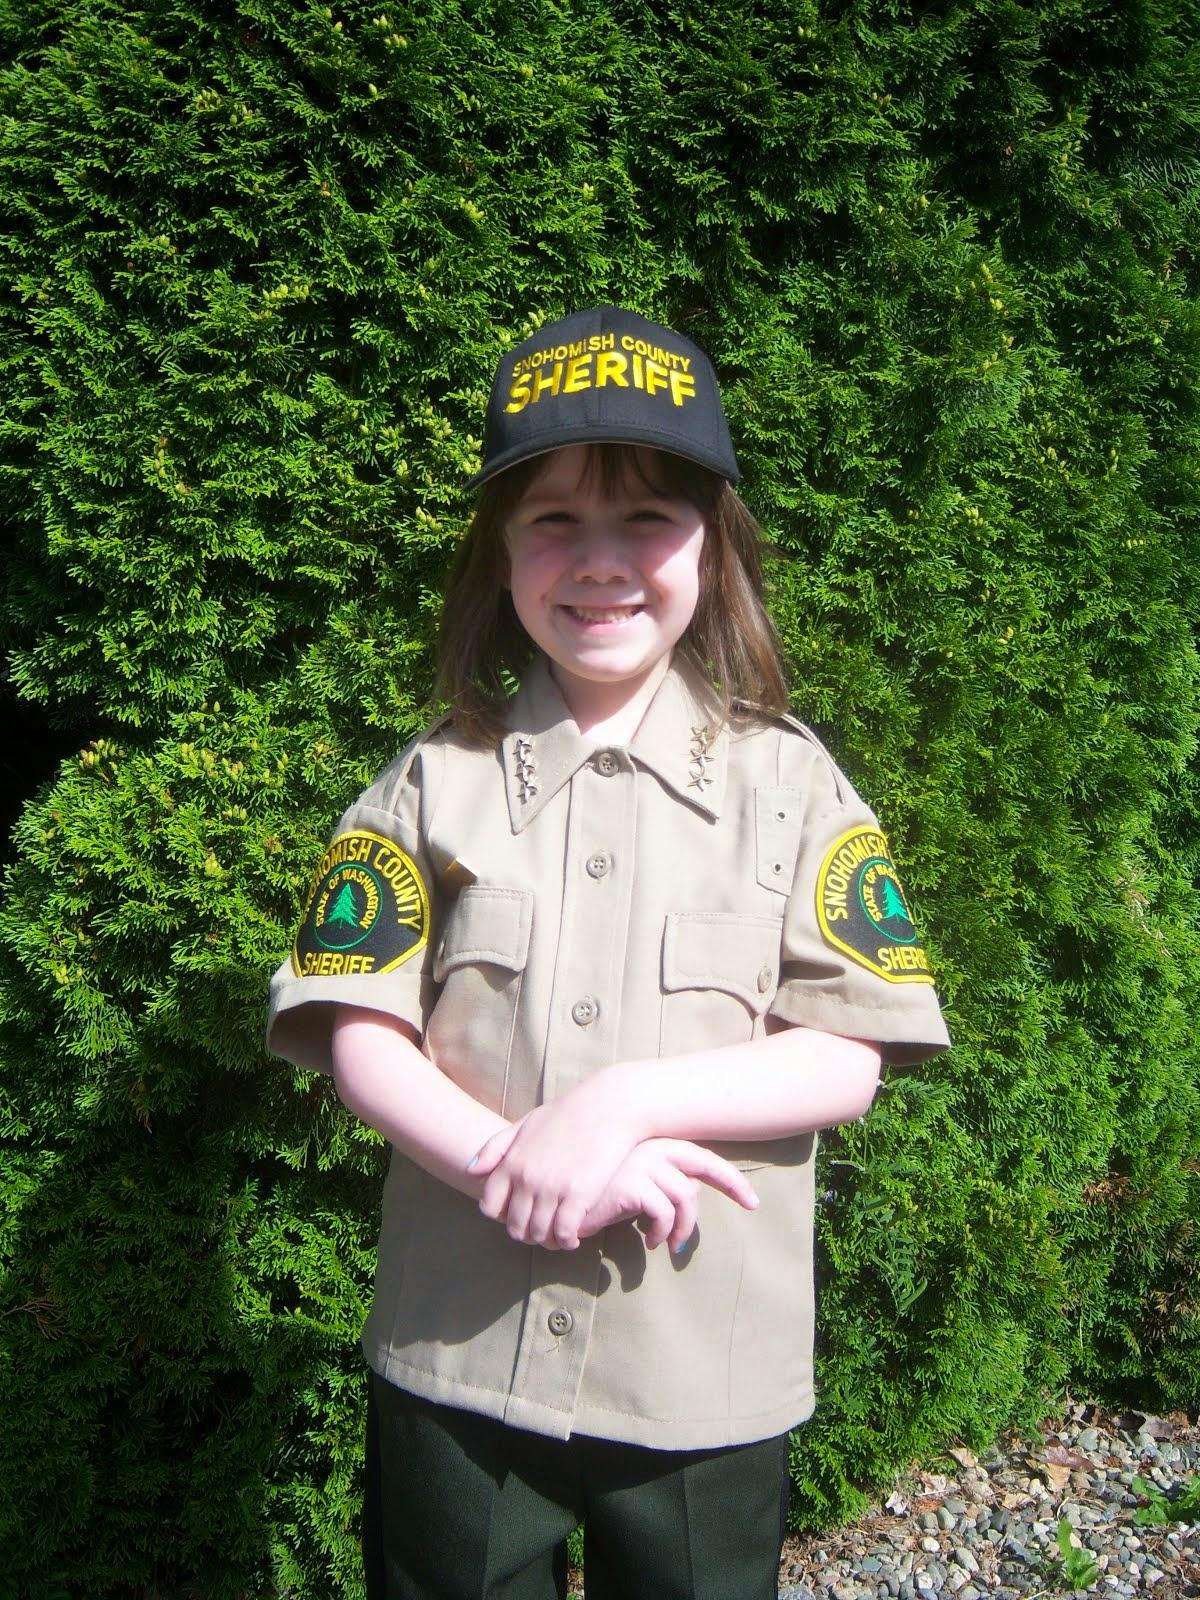 Sheriff Sarah